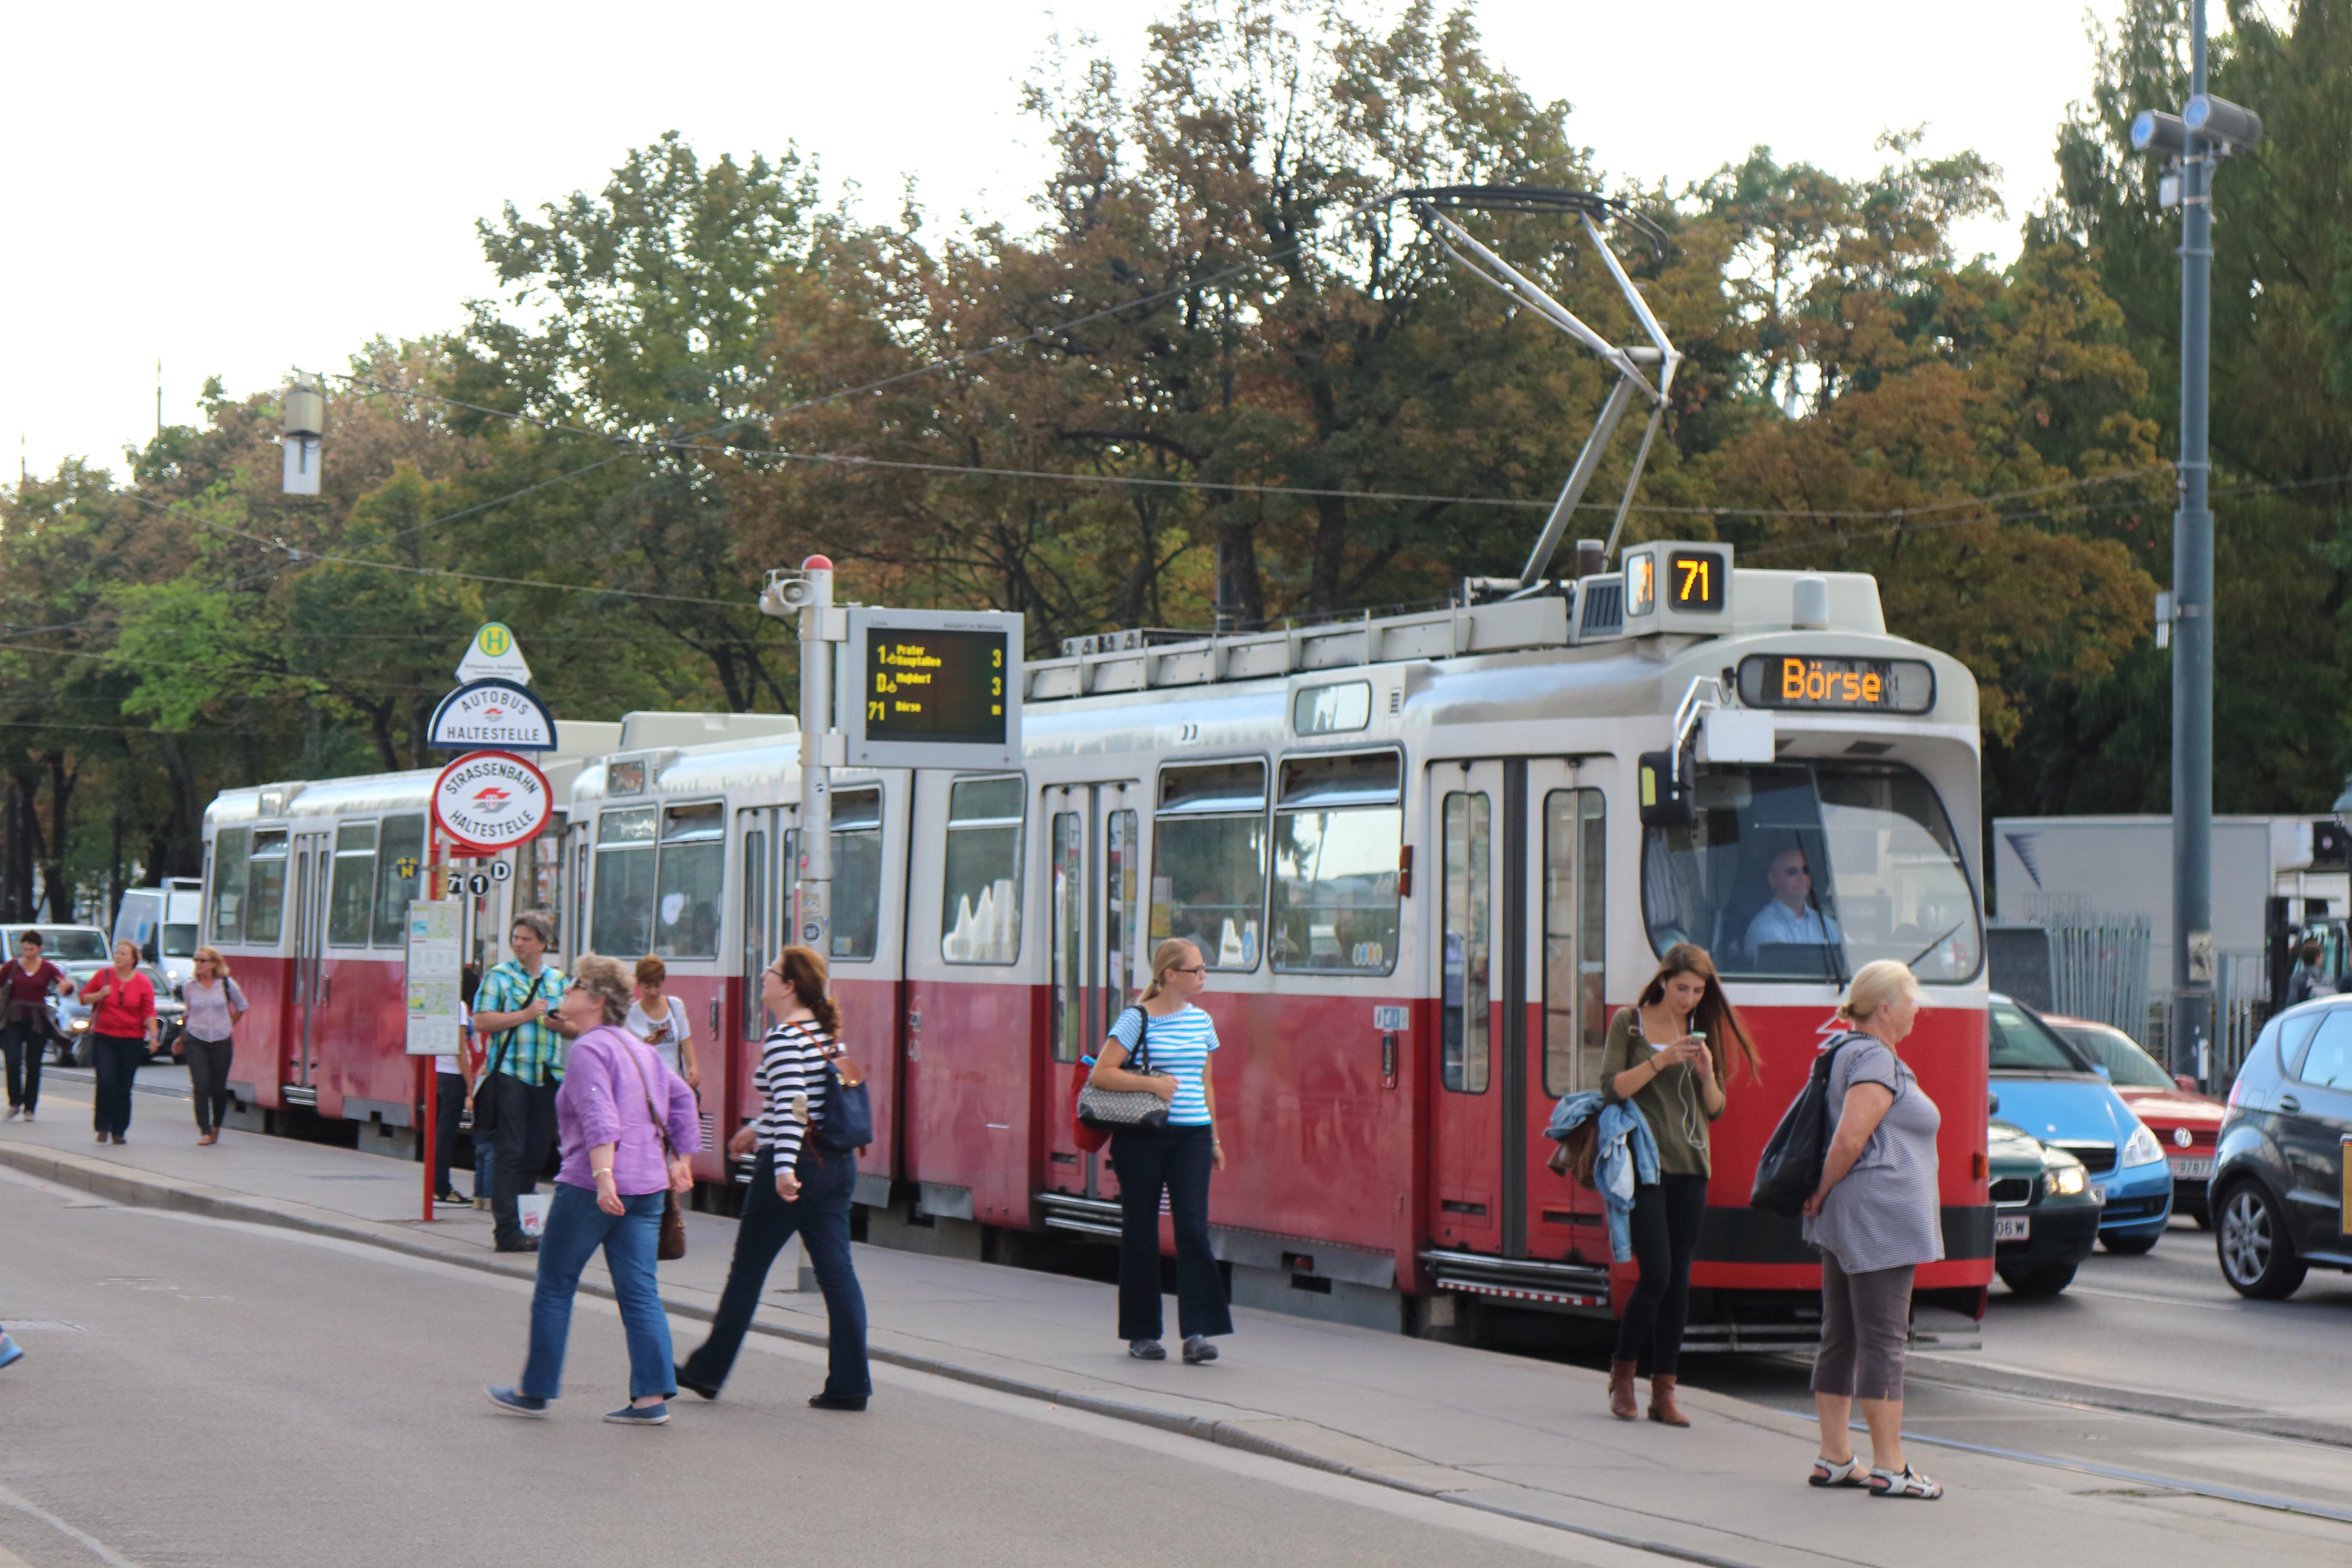 ちょびっと。ウィーンの路面電車コレクション